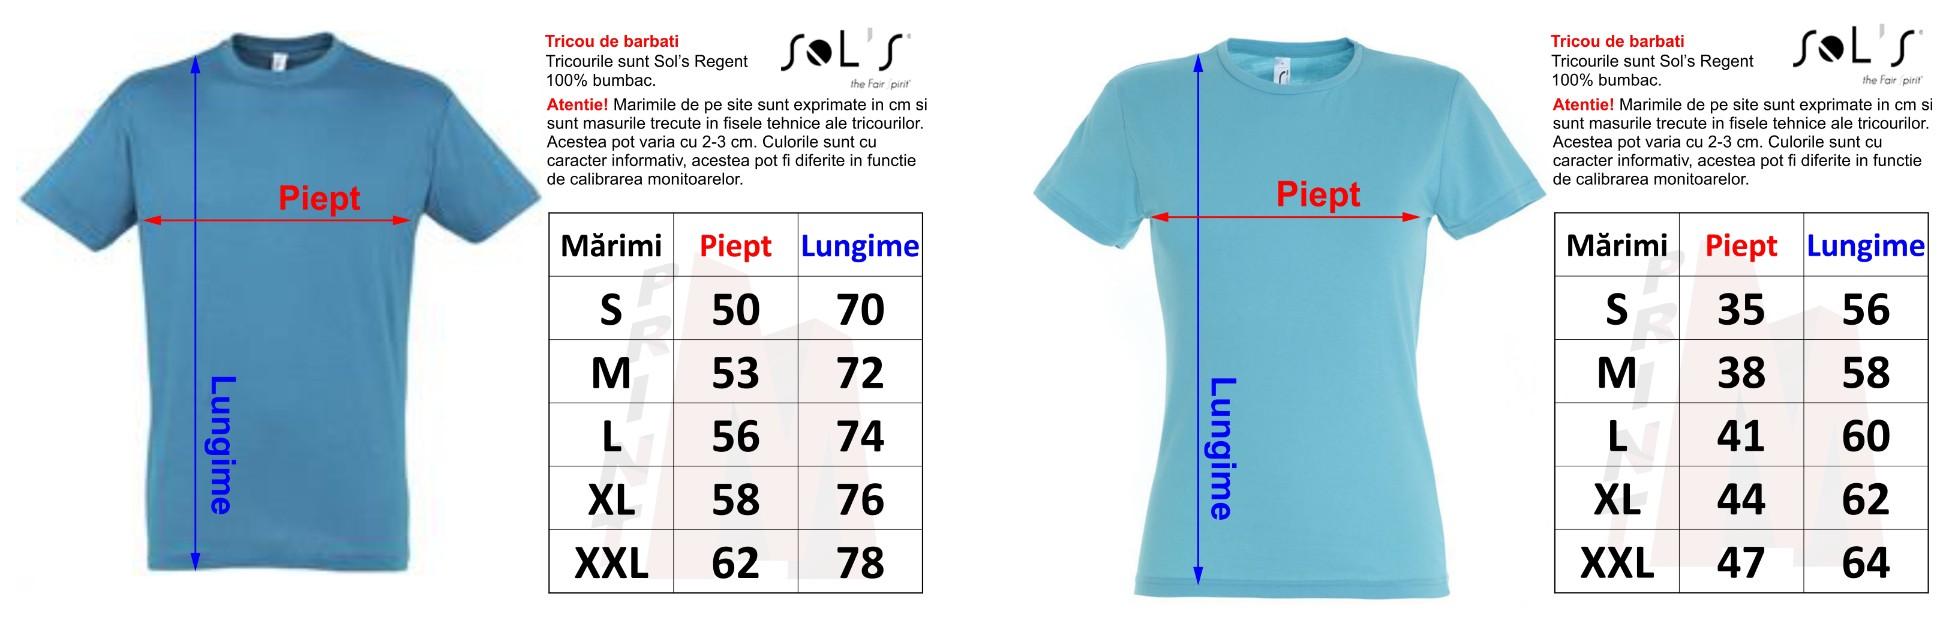 Imagini pentru tabel marimi tricouri sols